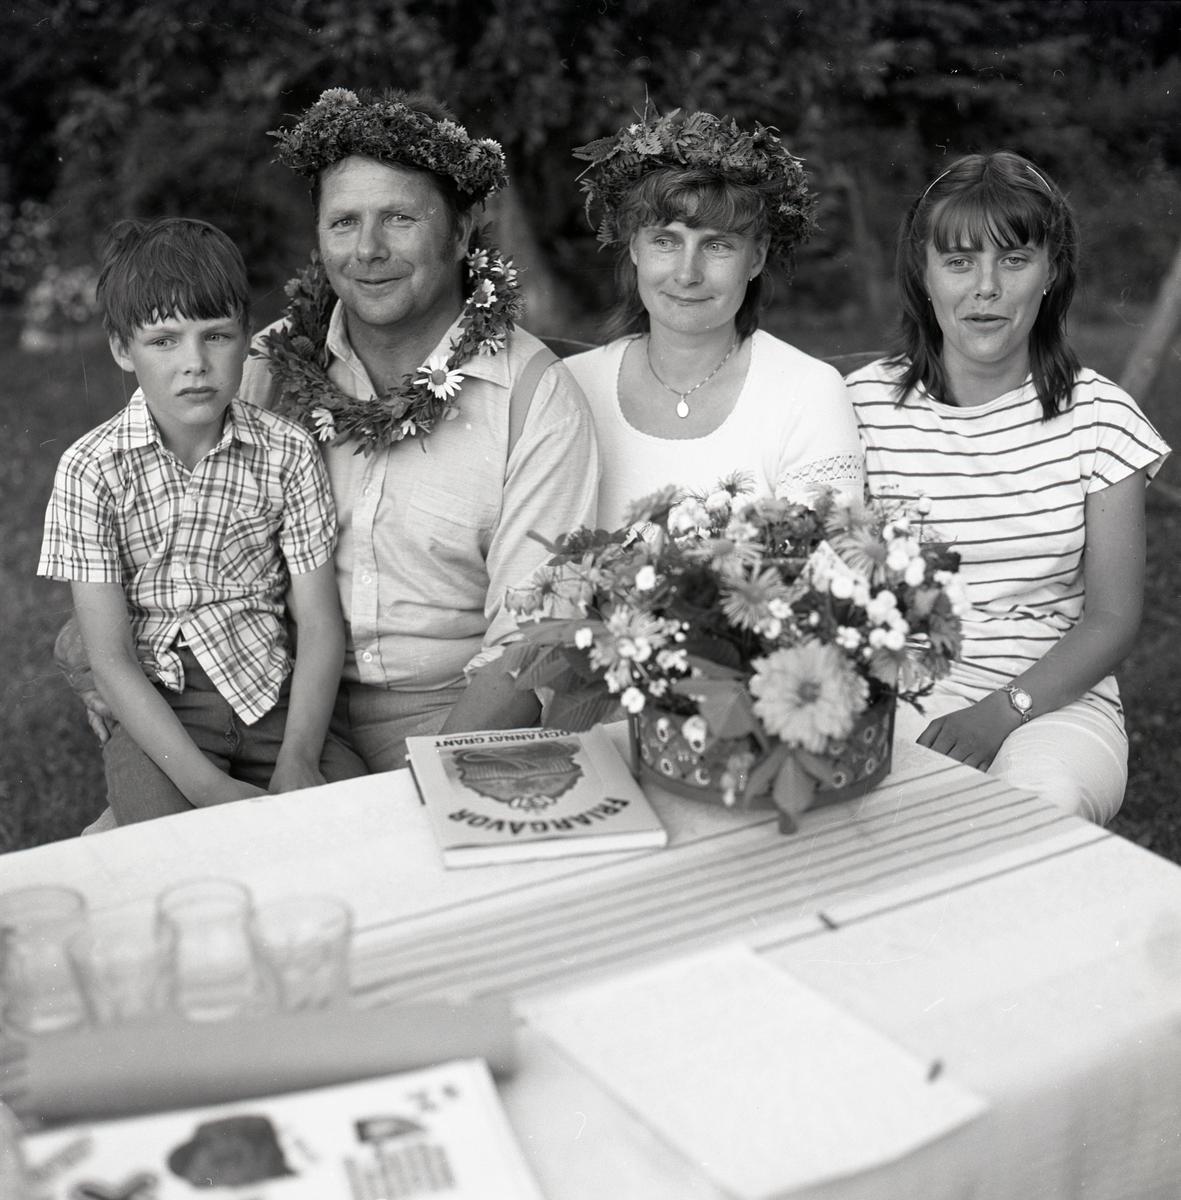 """En familj sitter vid ett bord med duk, blombukett, glas och boken """"Friargåvor"""" den 30 juli 1982. Några av dem bär blomkransar på huvudet."""